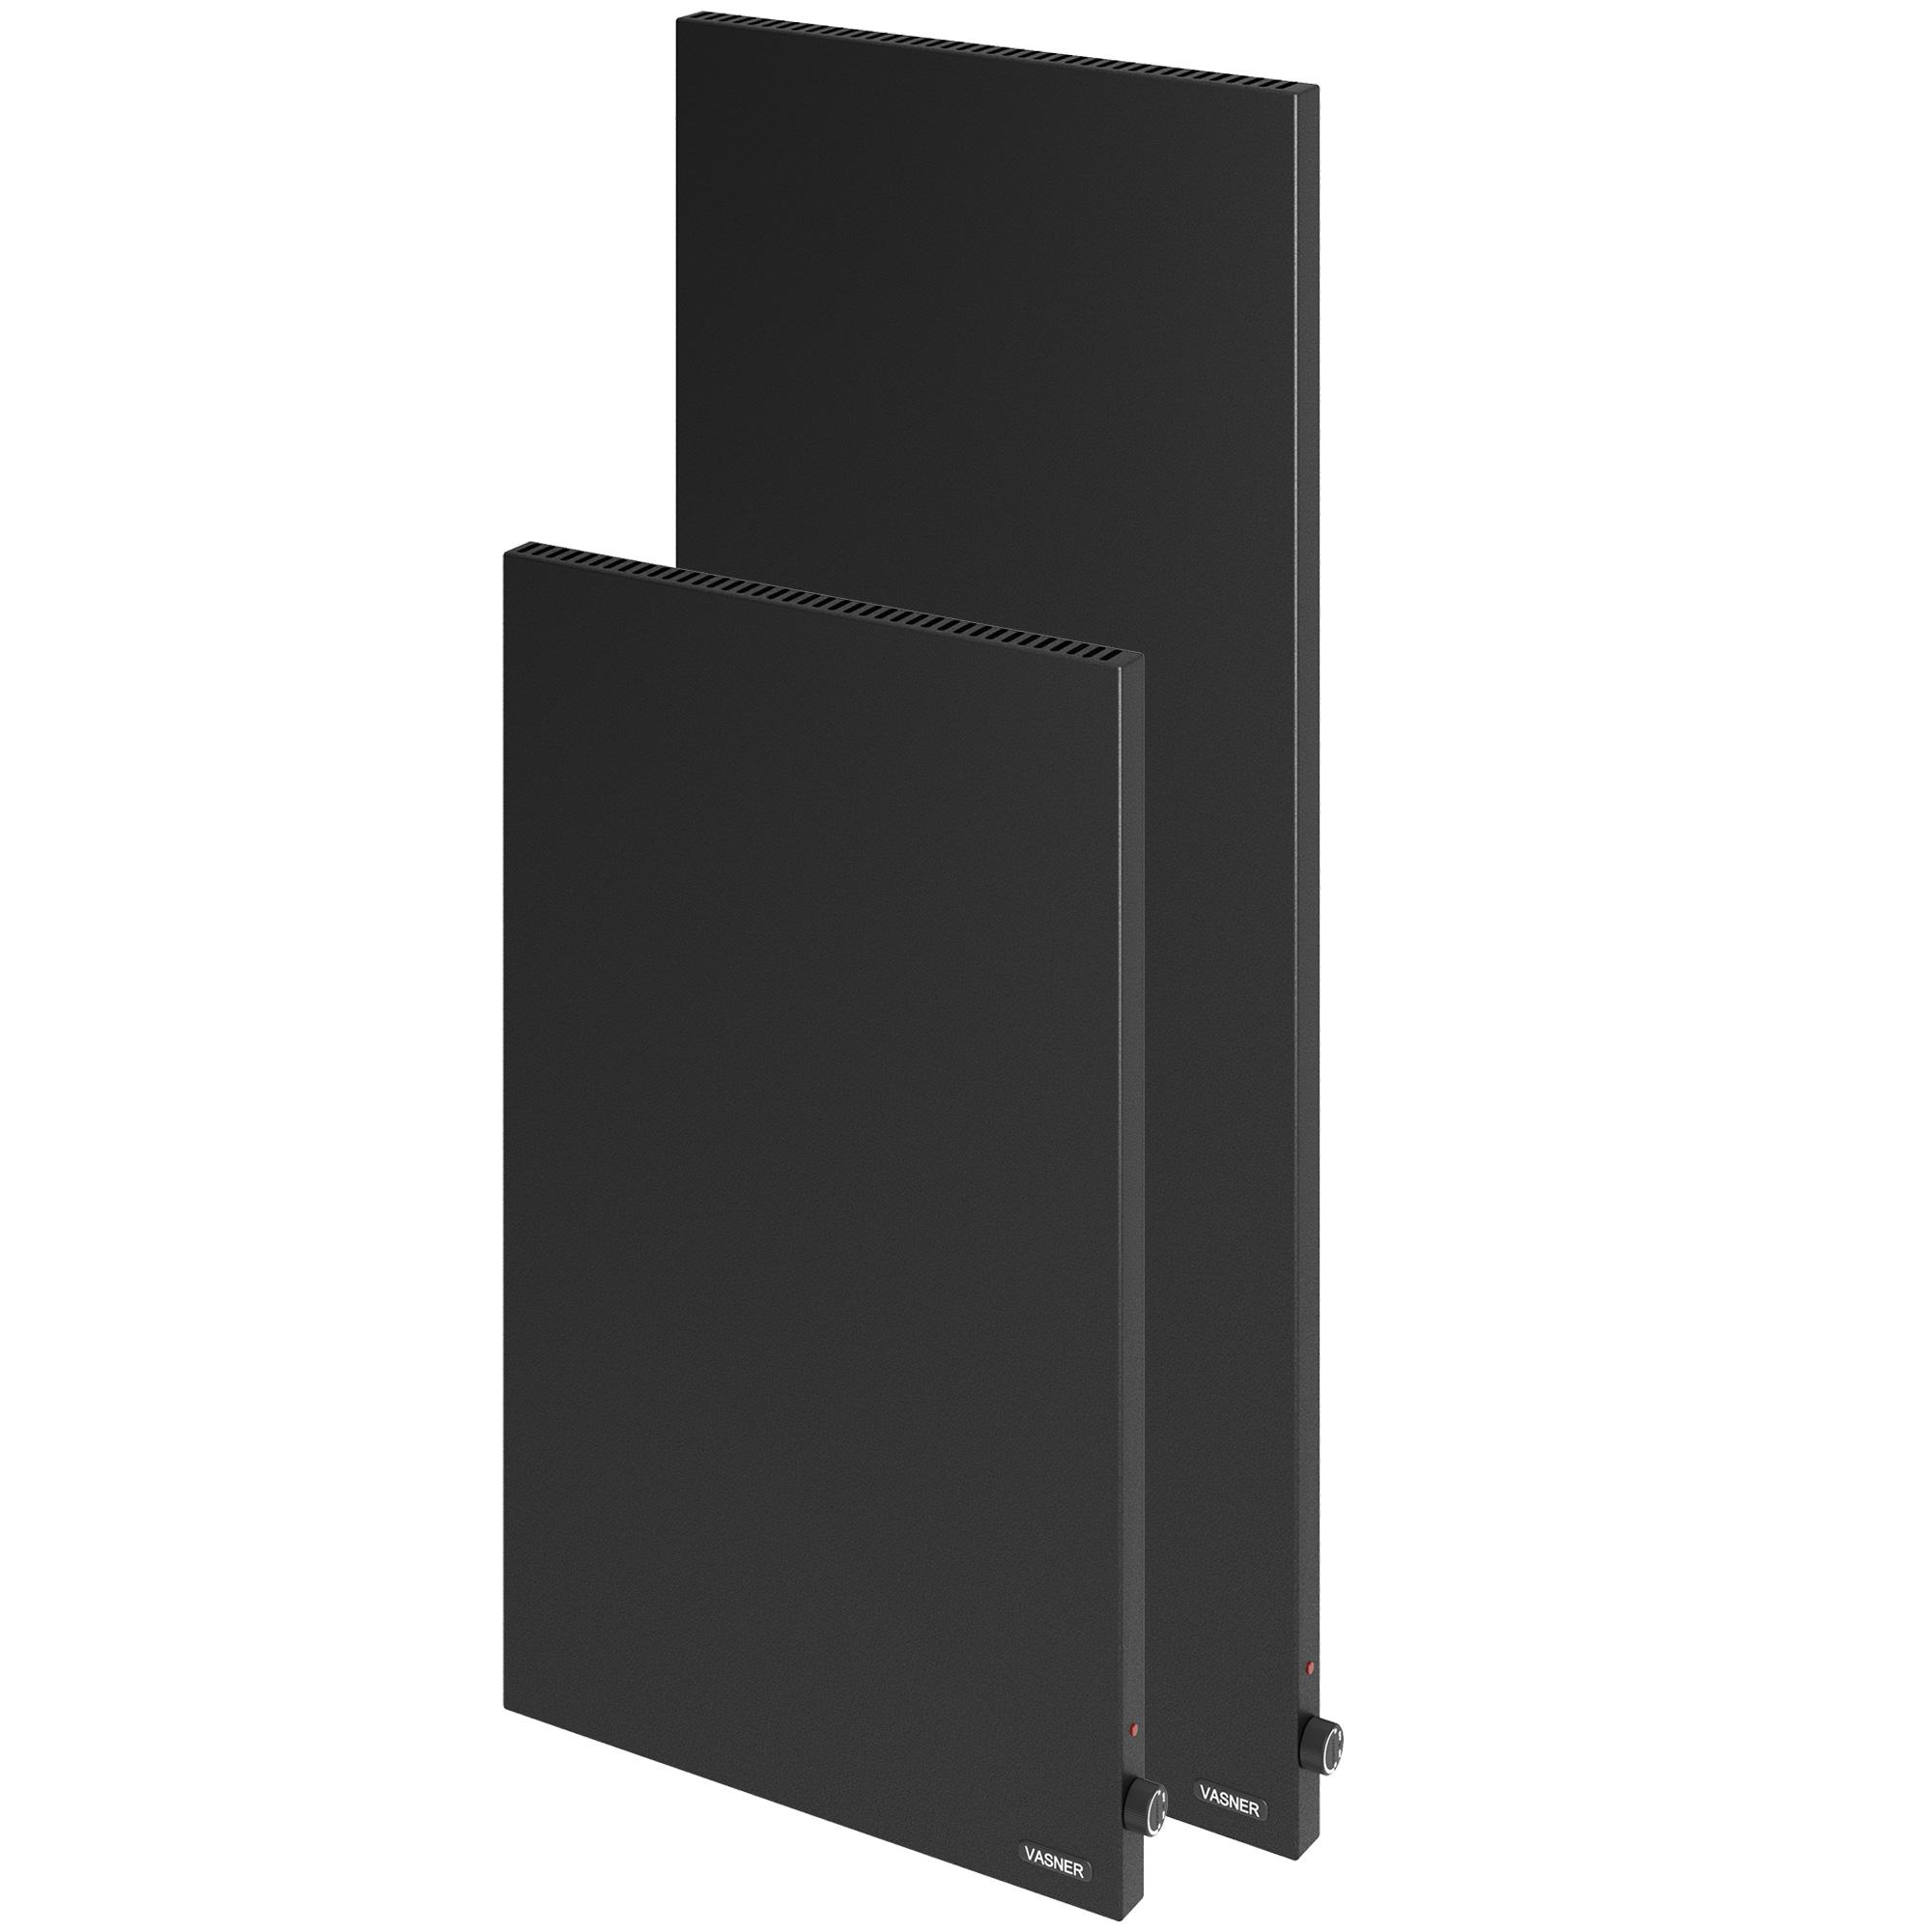 Hybrid Vertikal Heizkörper mit 1000 - 1200 Watt in Schwarz